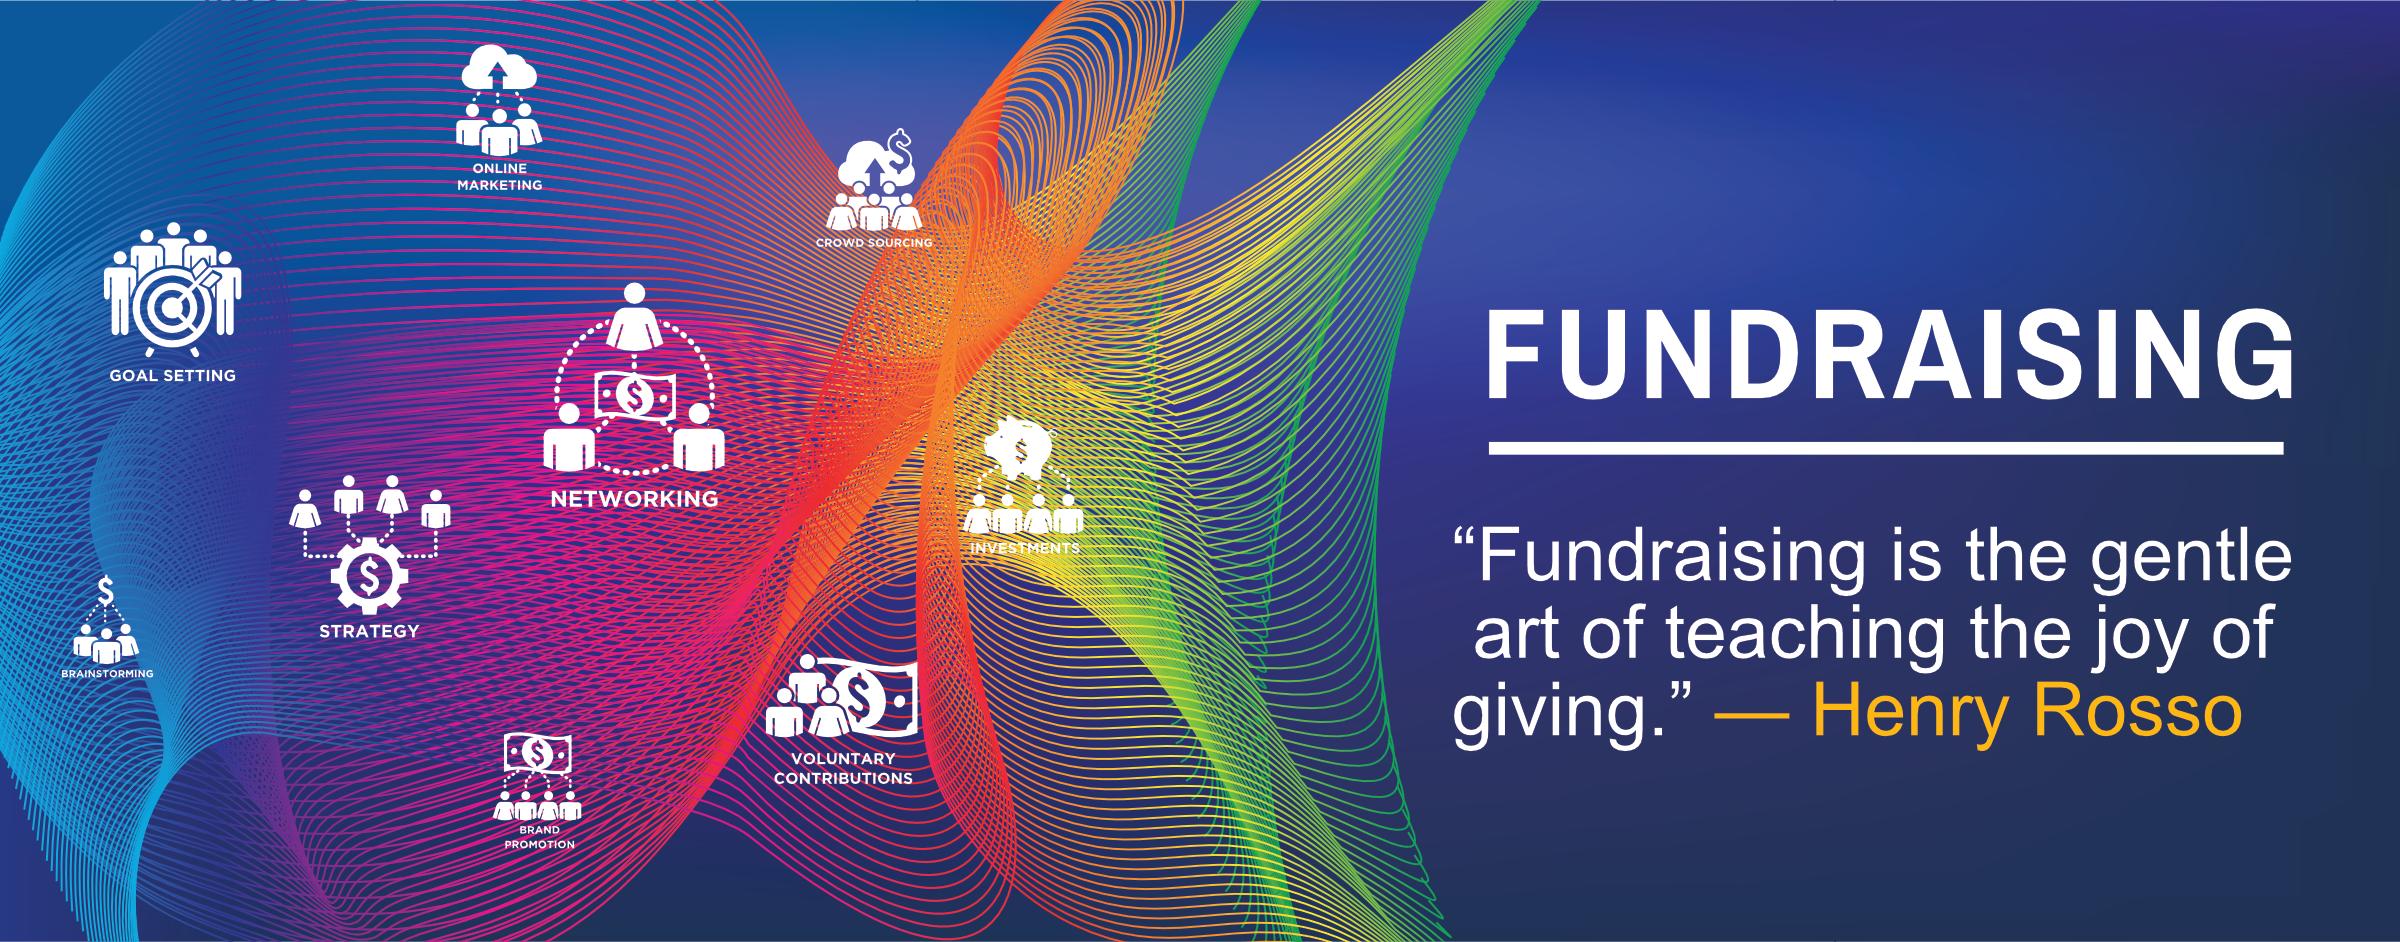 Crowdfunding by Nick Statman